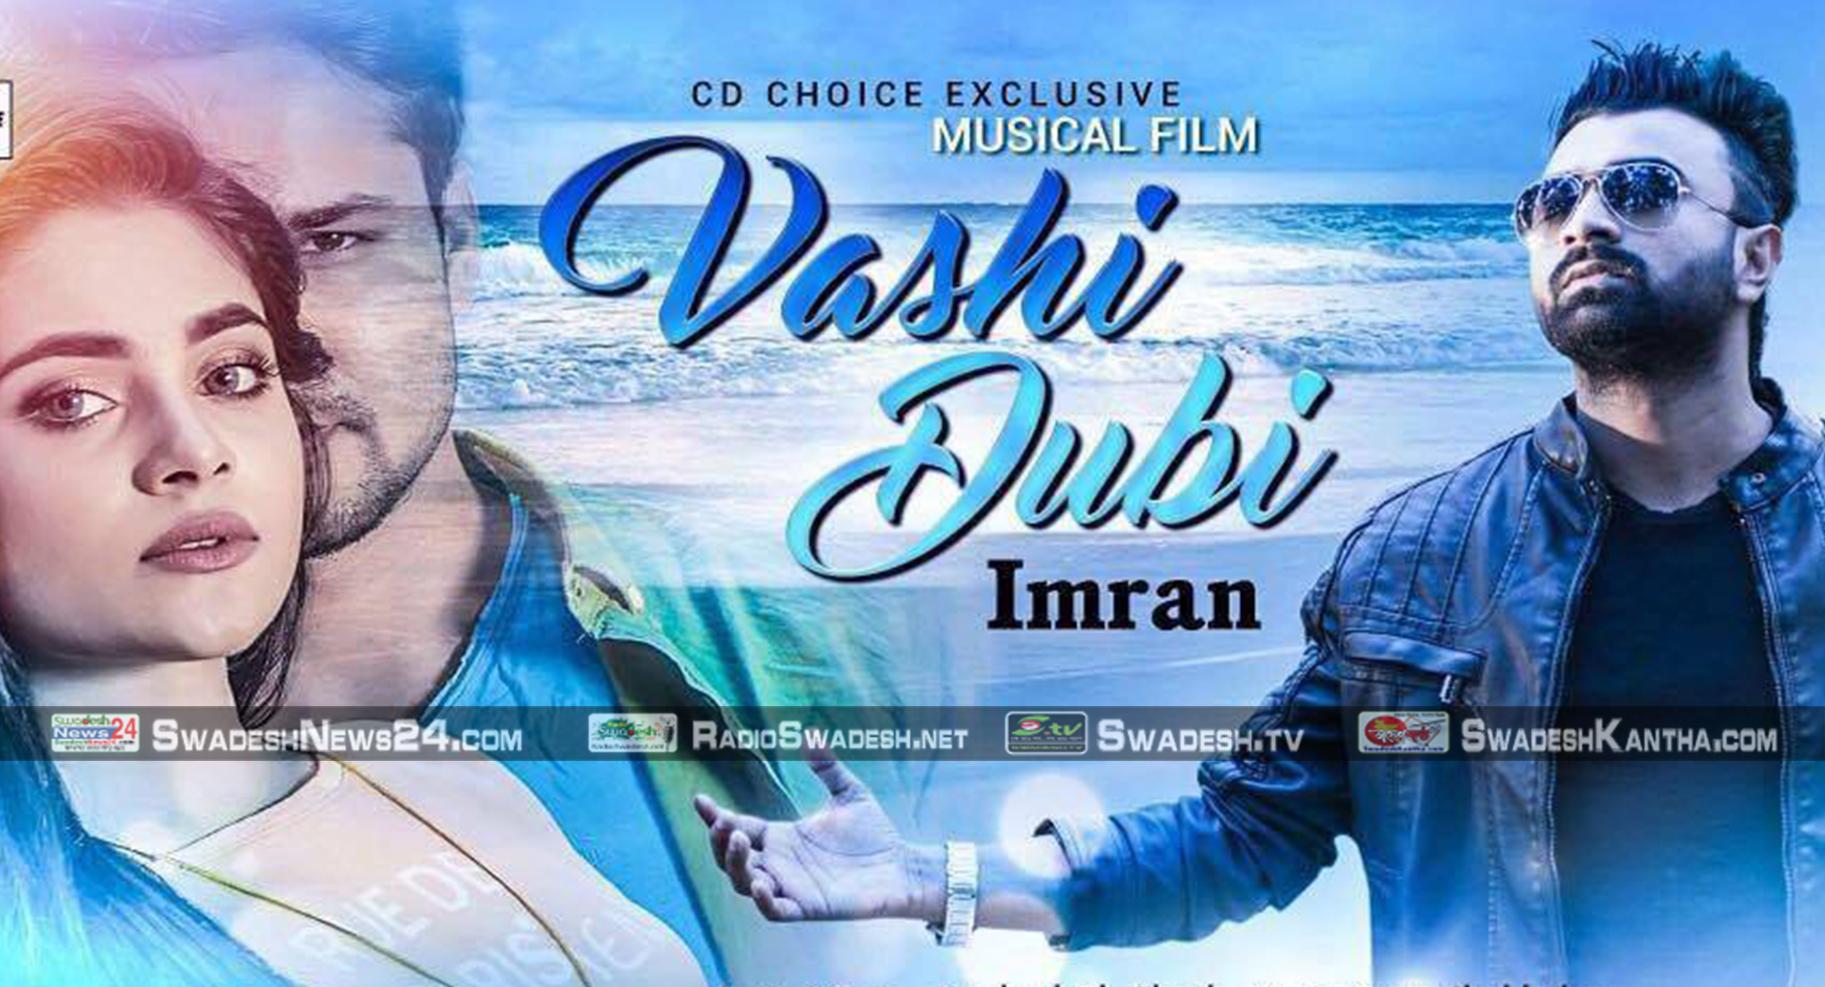 imran-vashi-dubi-swadeshnews24-saimur rj